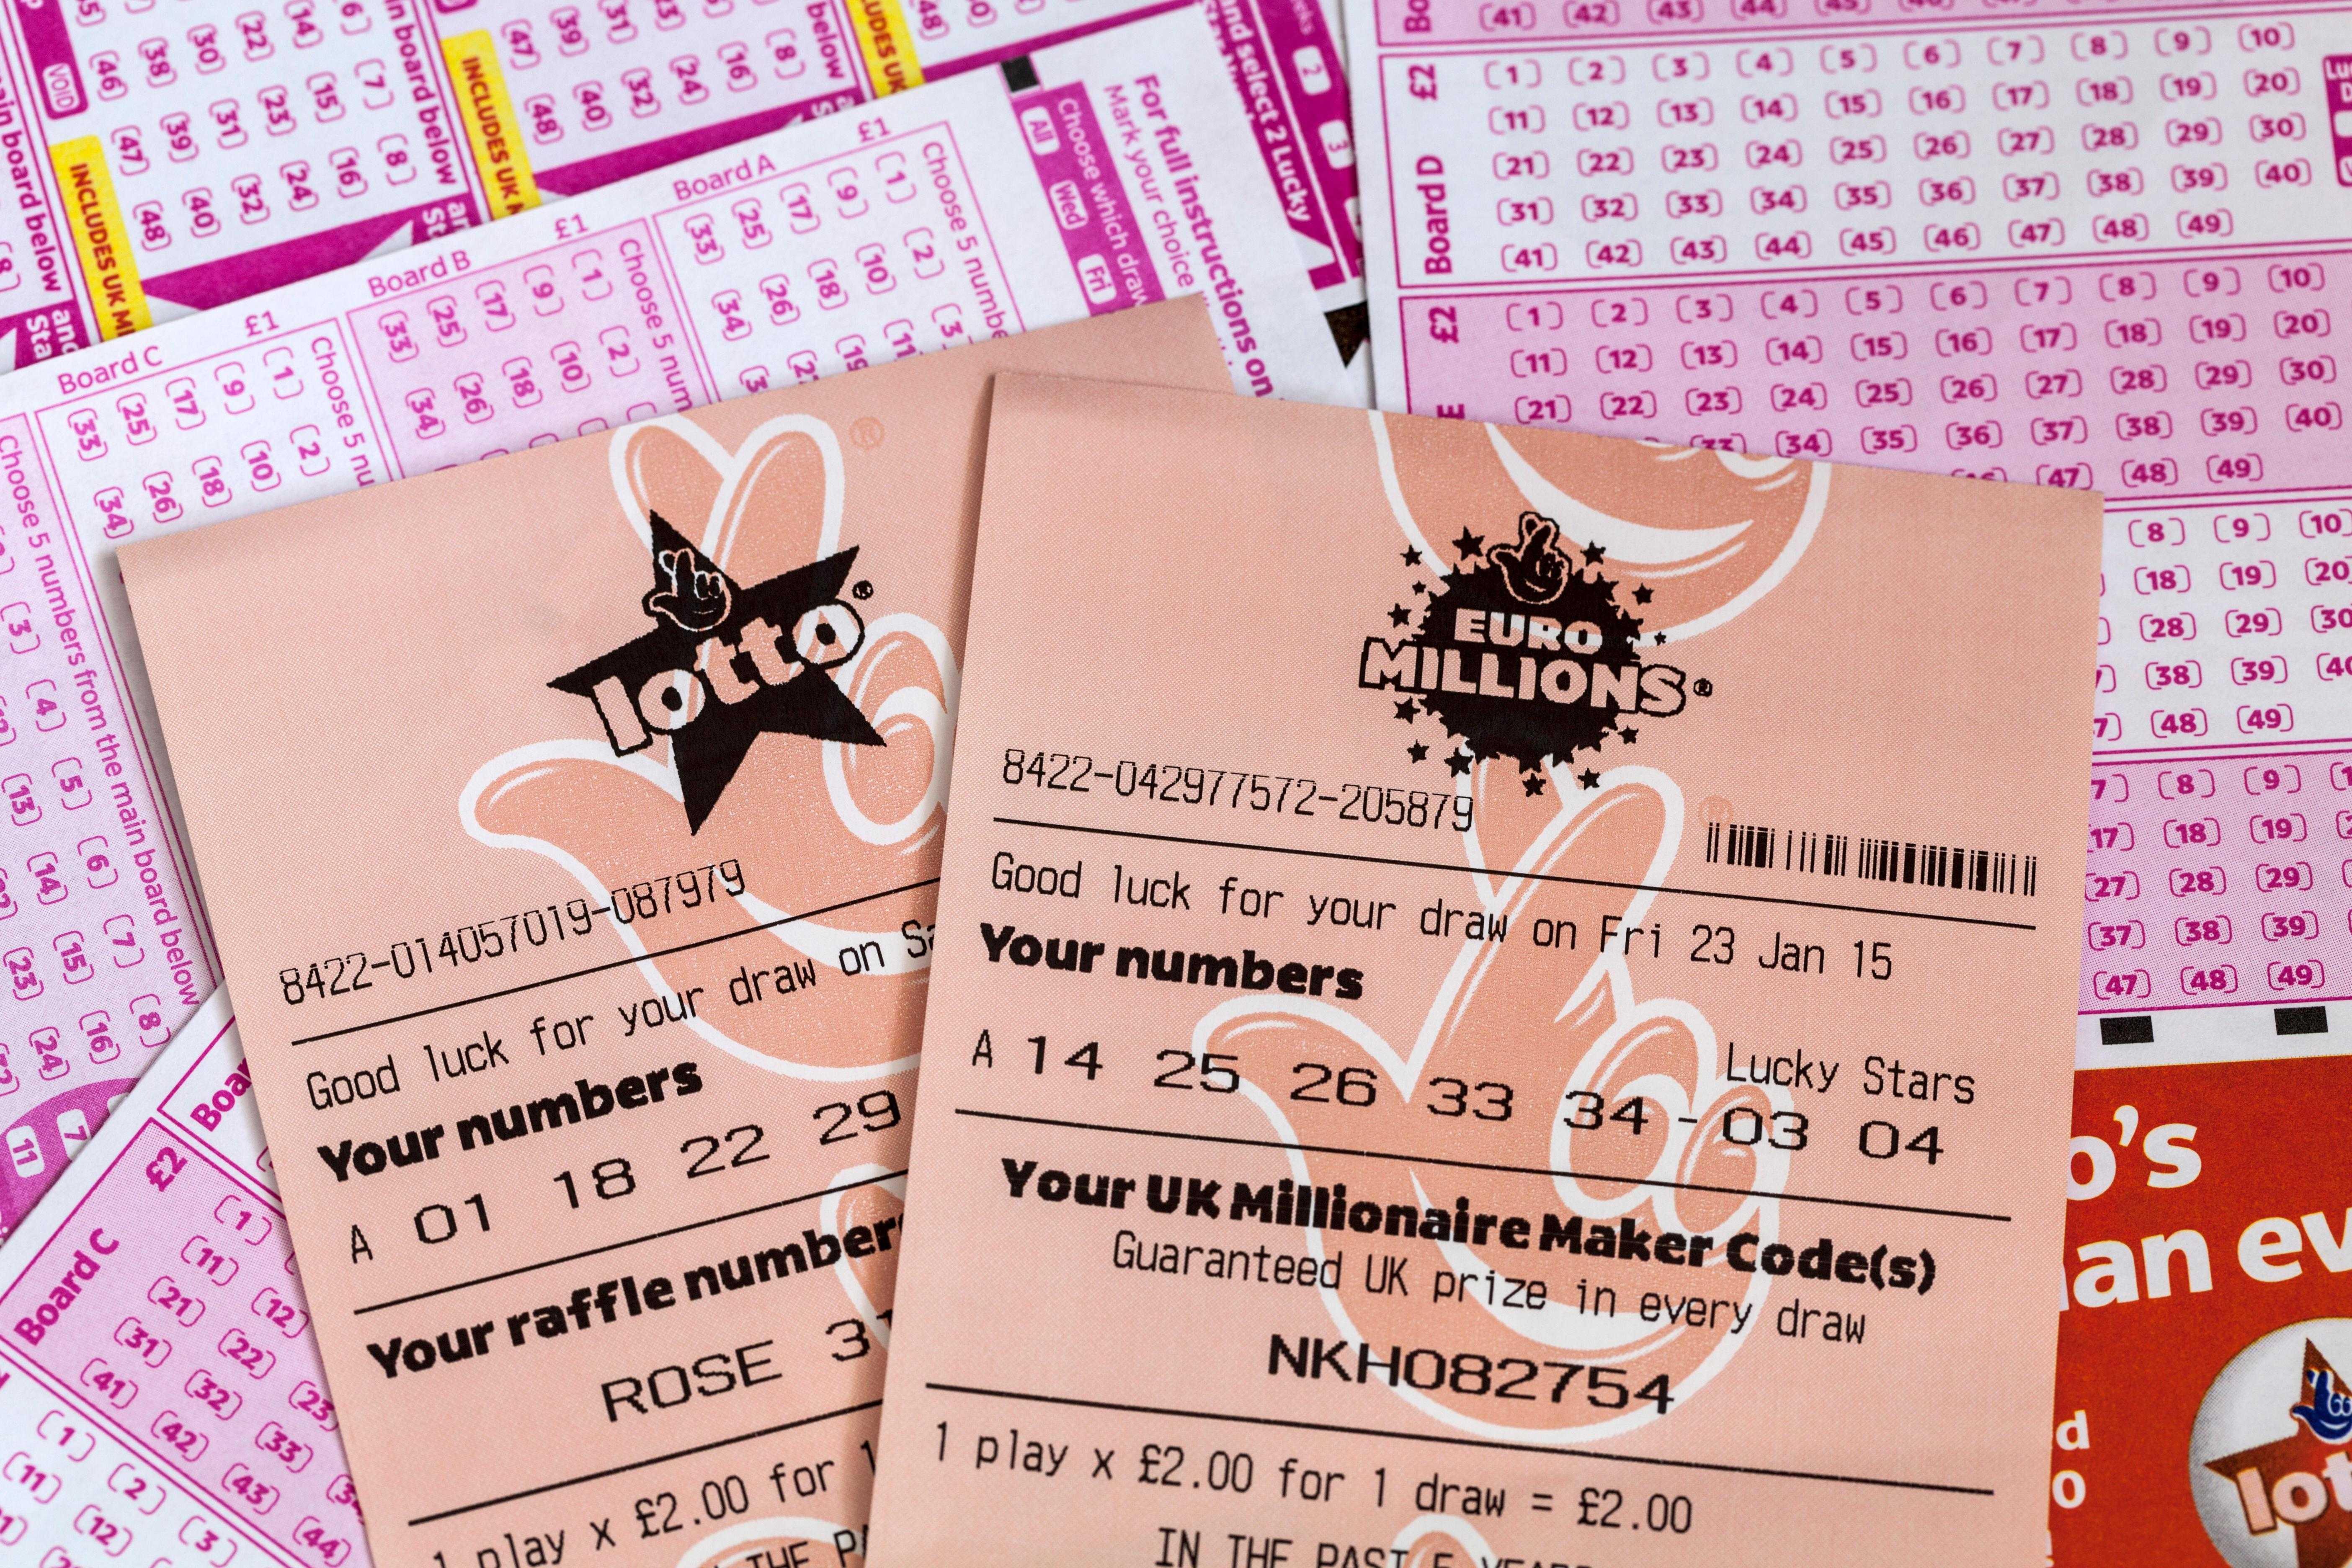 Chơi euromillions trực tuyến: so sánh giá tại lotto.eu